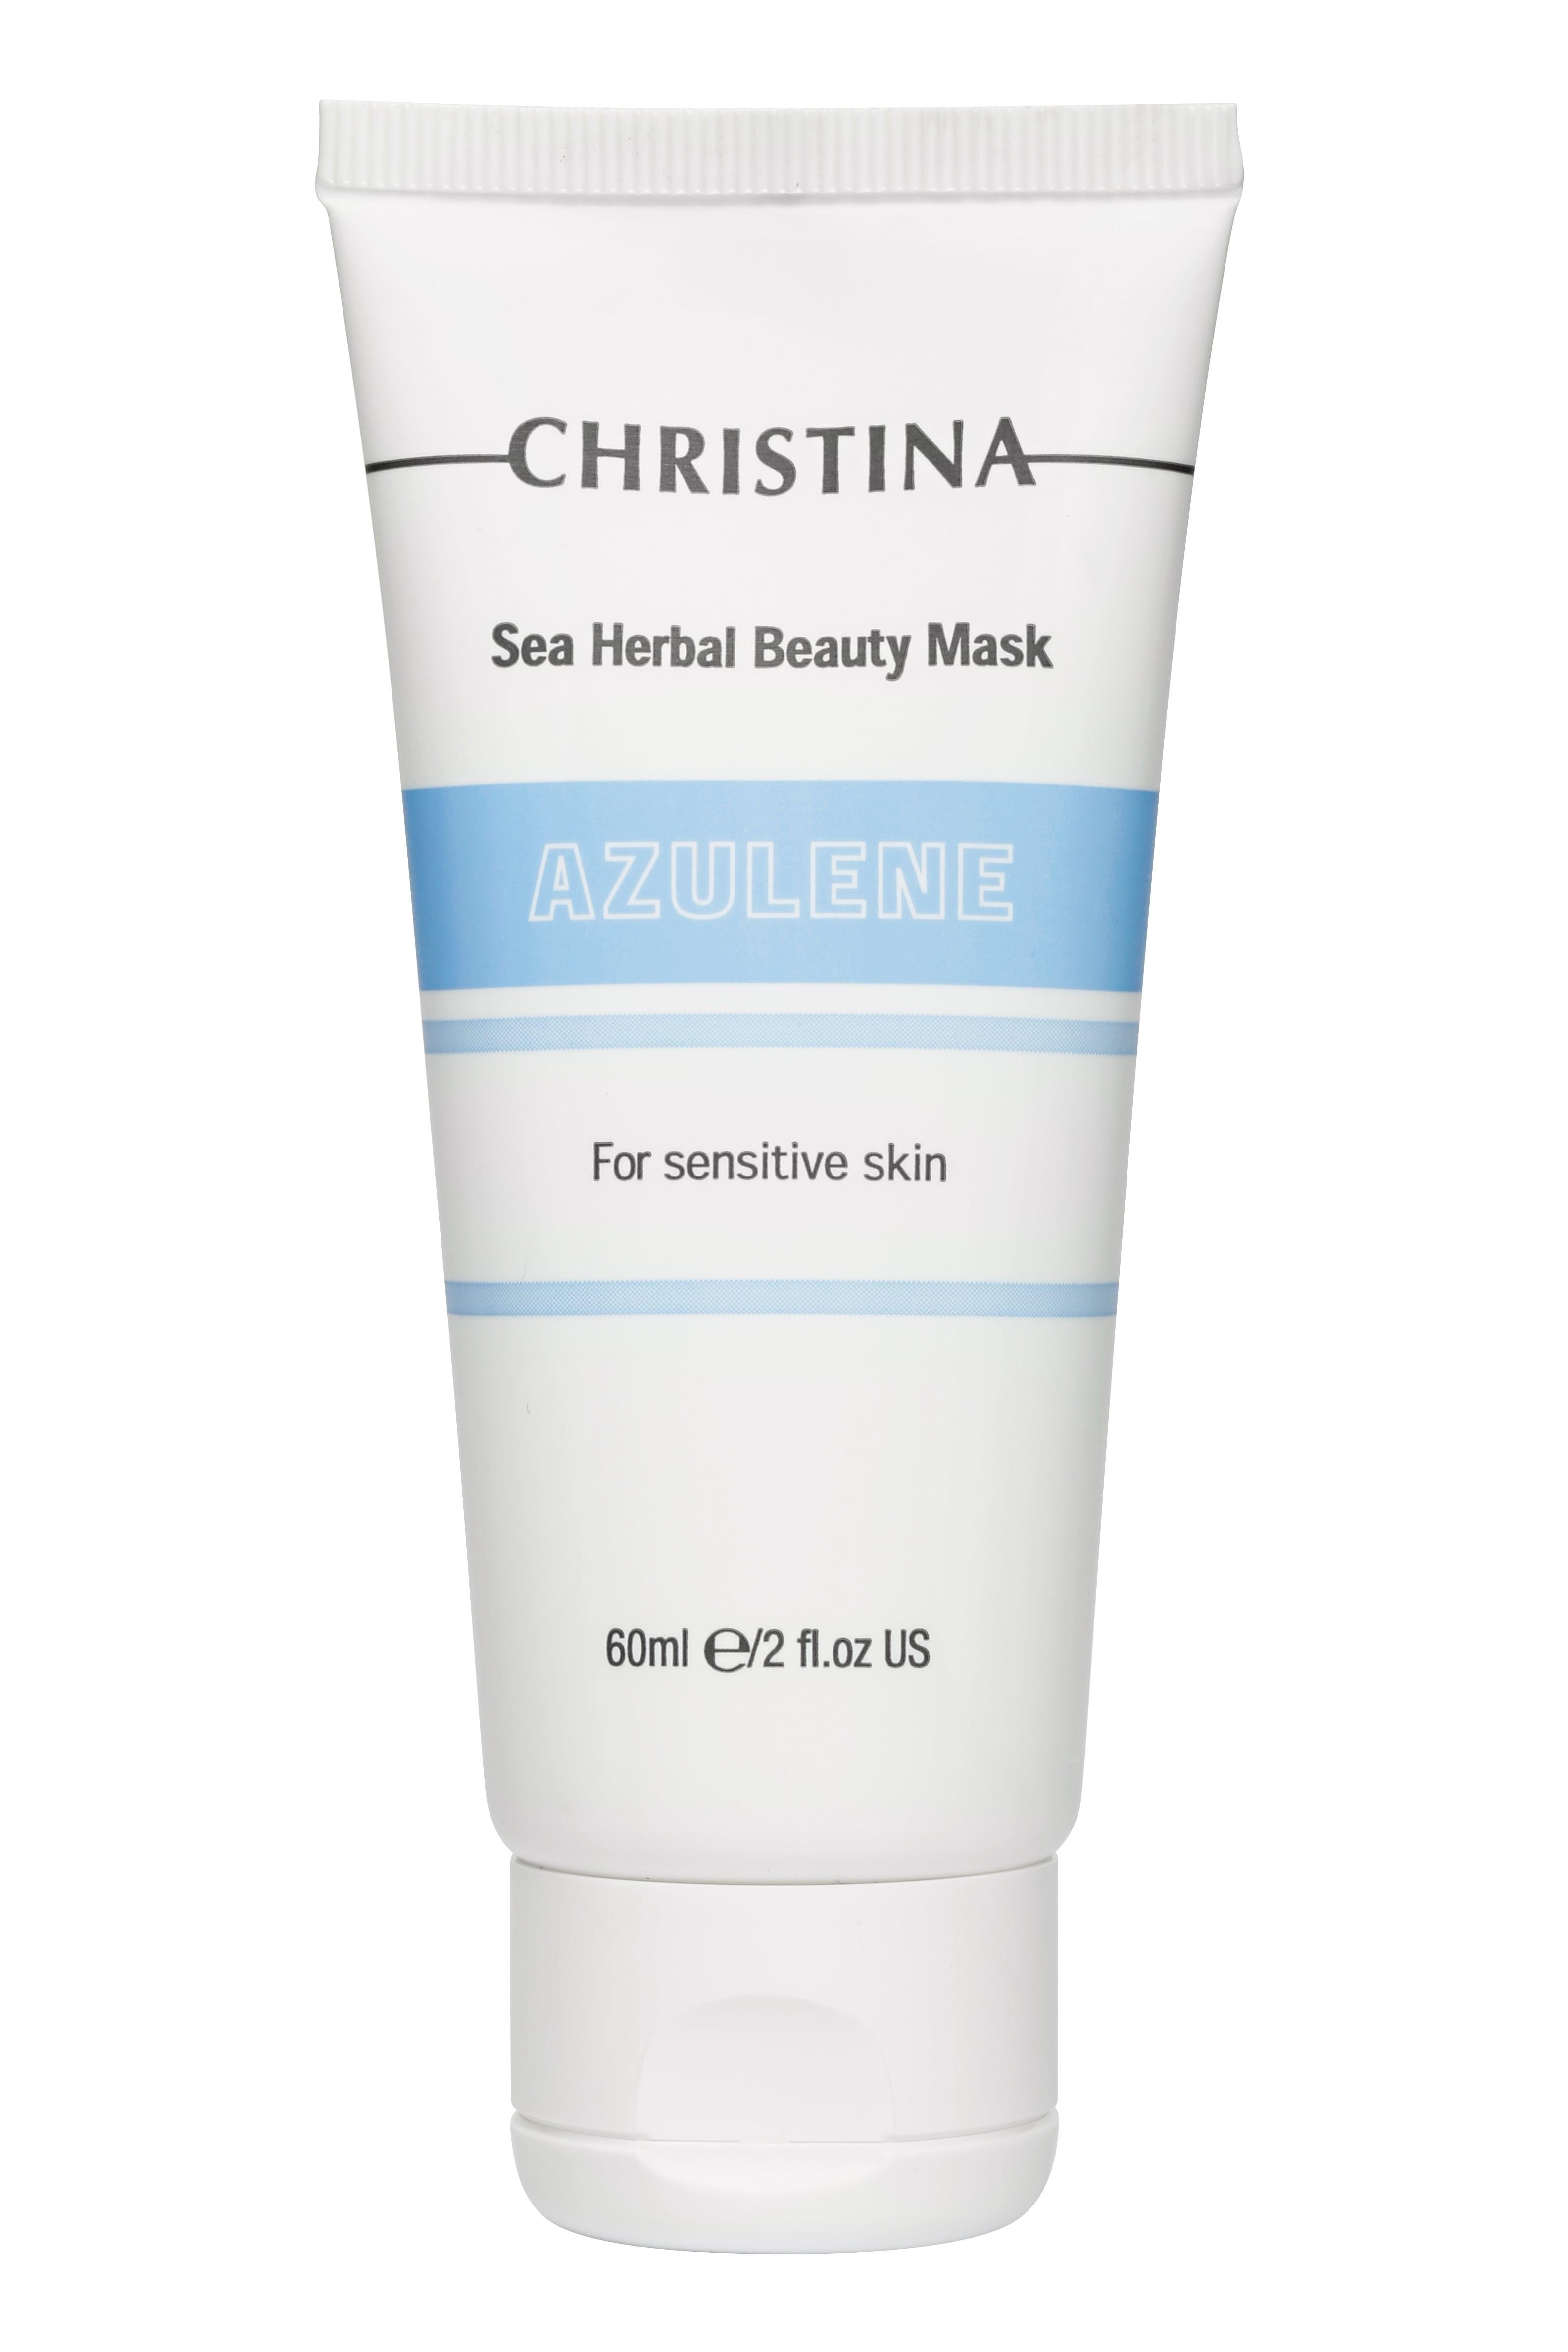 """Маска косметическая CHRISTINA Маска красоты для чувствительной кожи Азулен Sea Herbal Beauty Mask Azulene for sensitive skin, 80CHR060В состав маски красоты для чувствительной кожи""""Азулен"""" входят растительные компоненты, обладающие противовоспалительным и антиаллергическим действием. Снимает сухость, жжение и чувство стянутости, оставляя на коже ощущение мягкости и комфорта. Подходит для еженедельного ухода за раздраженной и чувствительной кожей."""